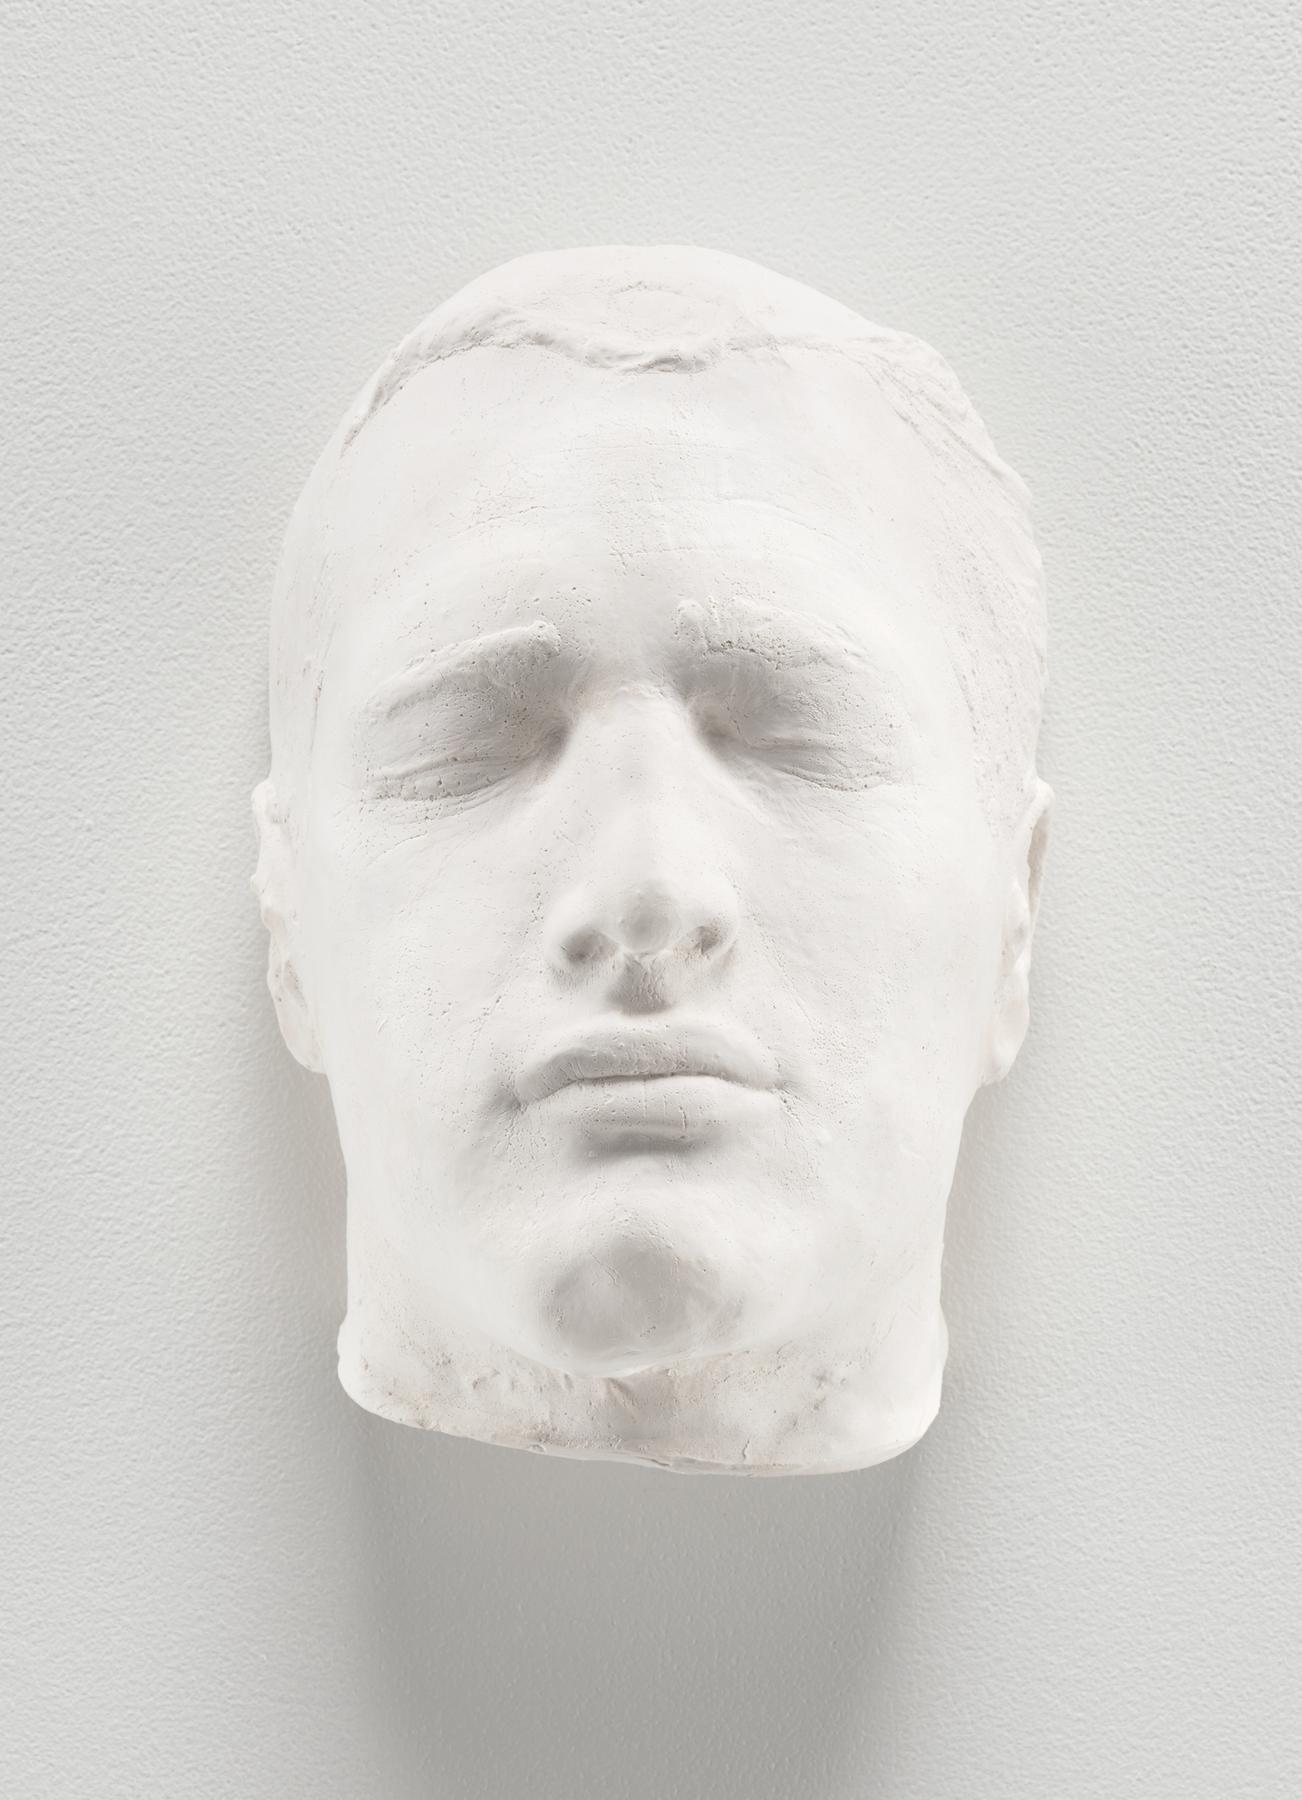 Edmier imagines (Paul Newman, Actor)